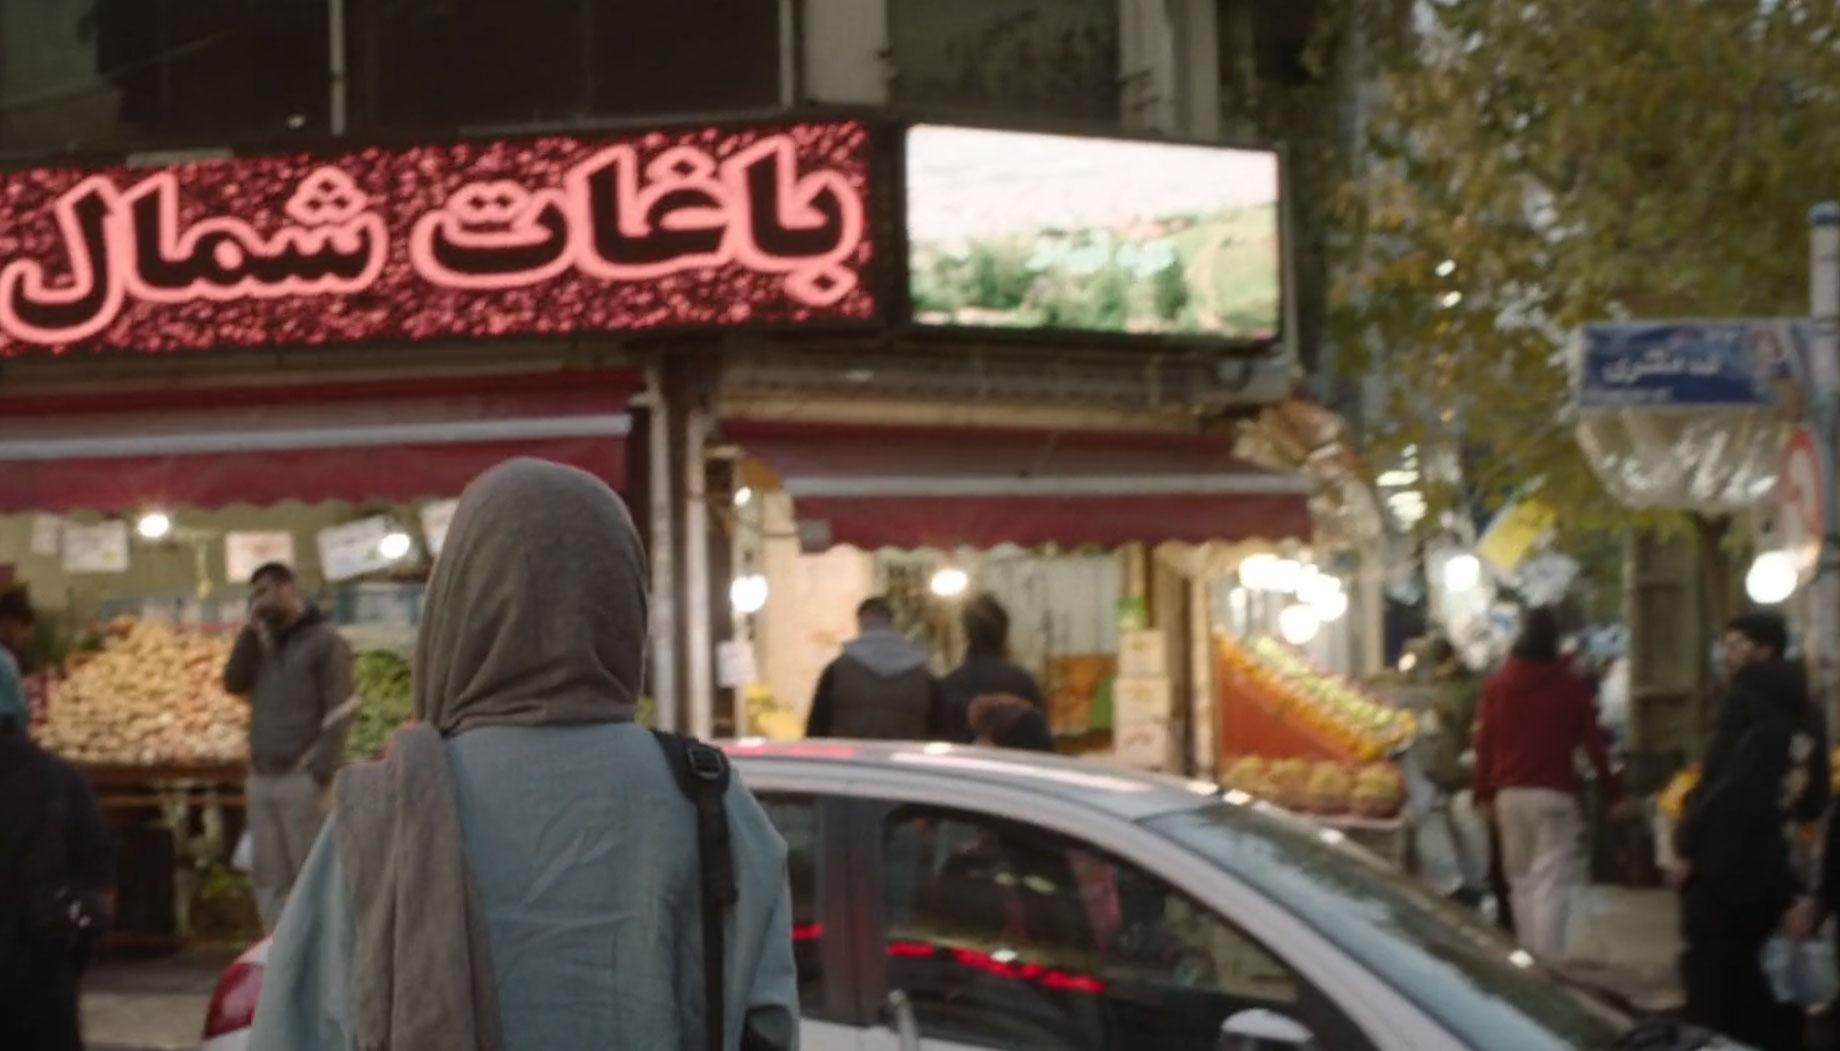 چگونه فیلم سینمایی عملیات موساد در تهران ضبط شد؟